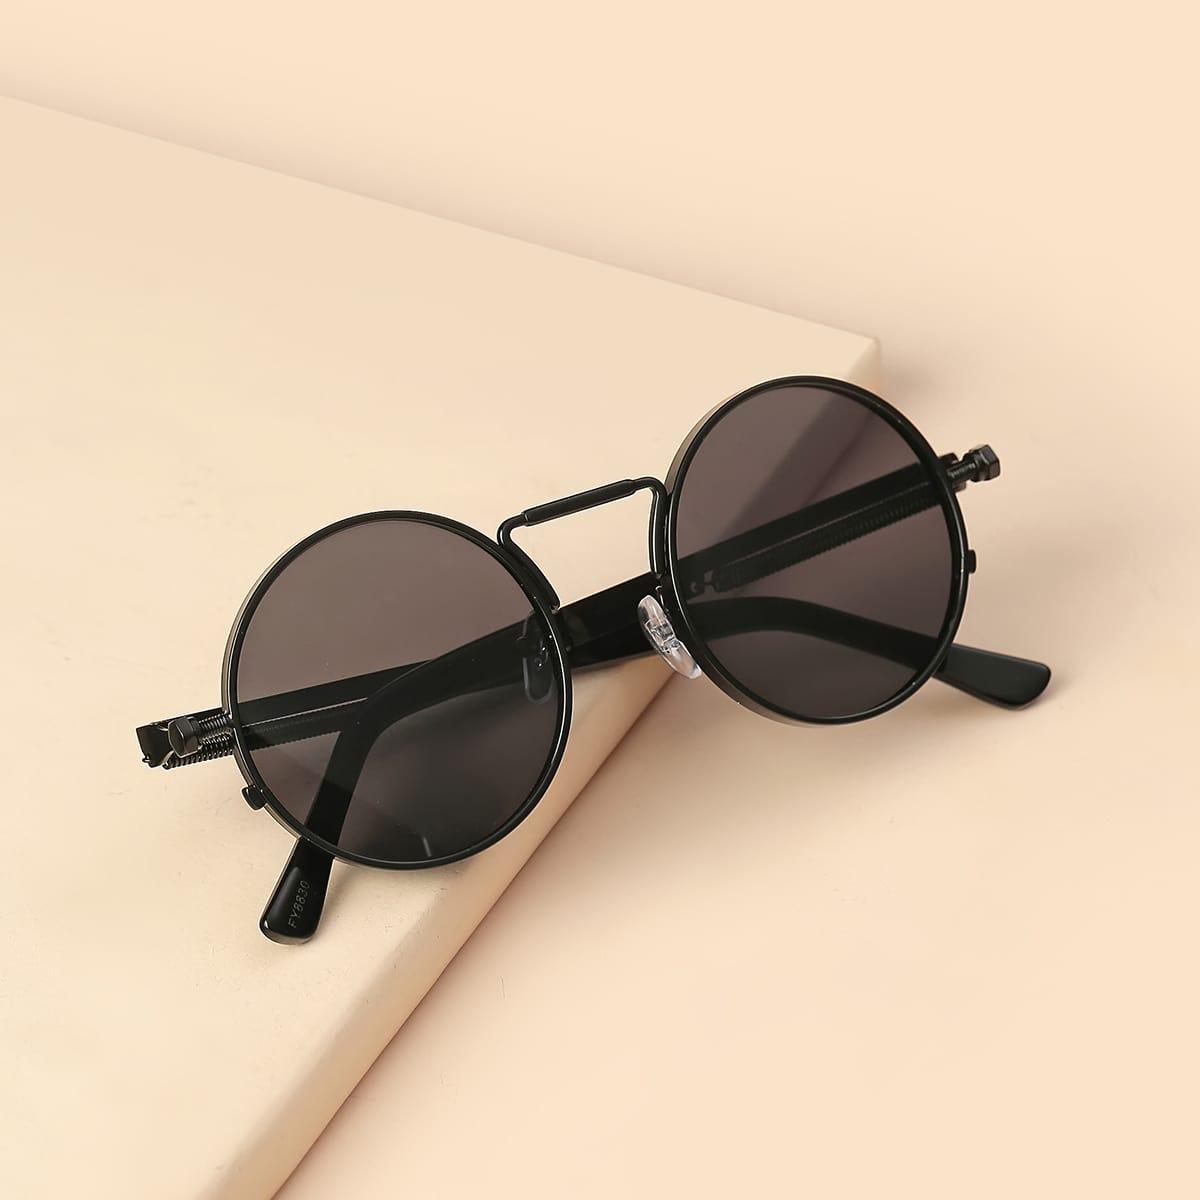 Мужские круглые солнечные очки фото